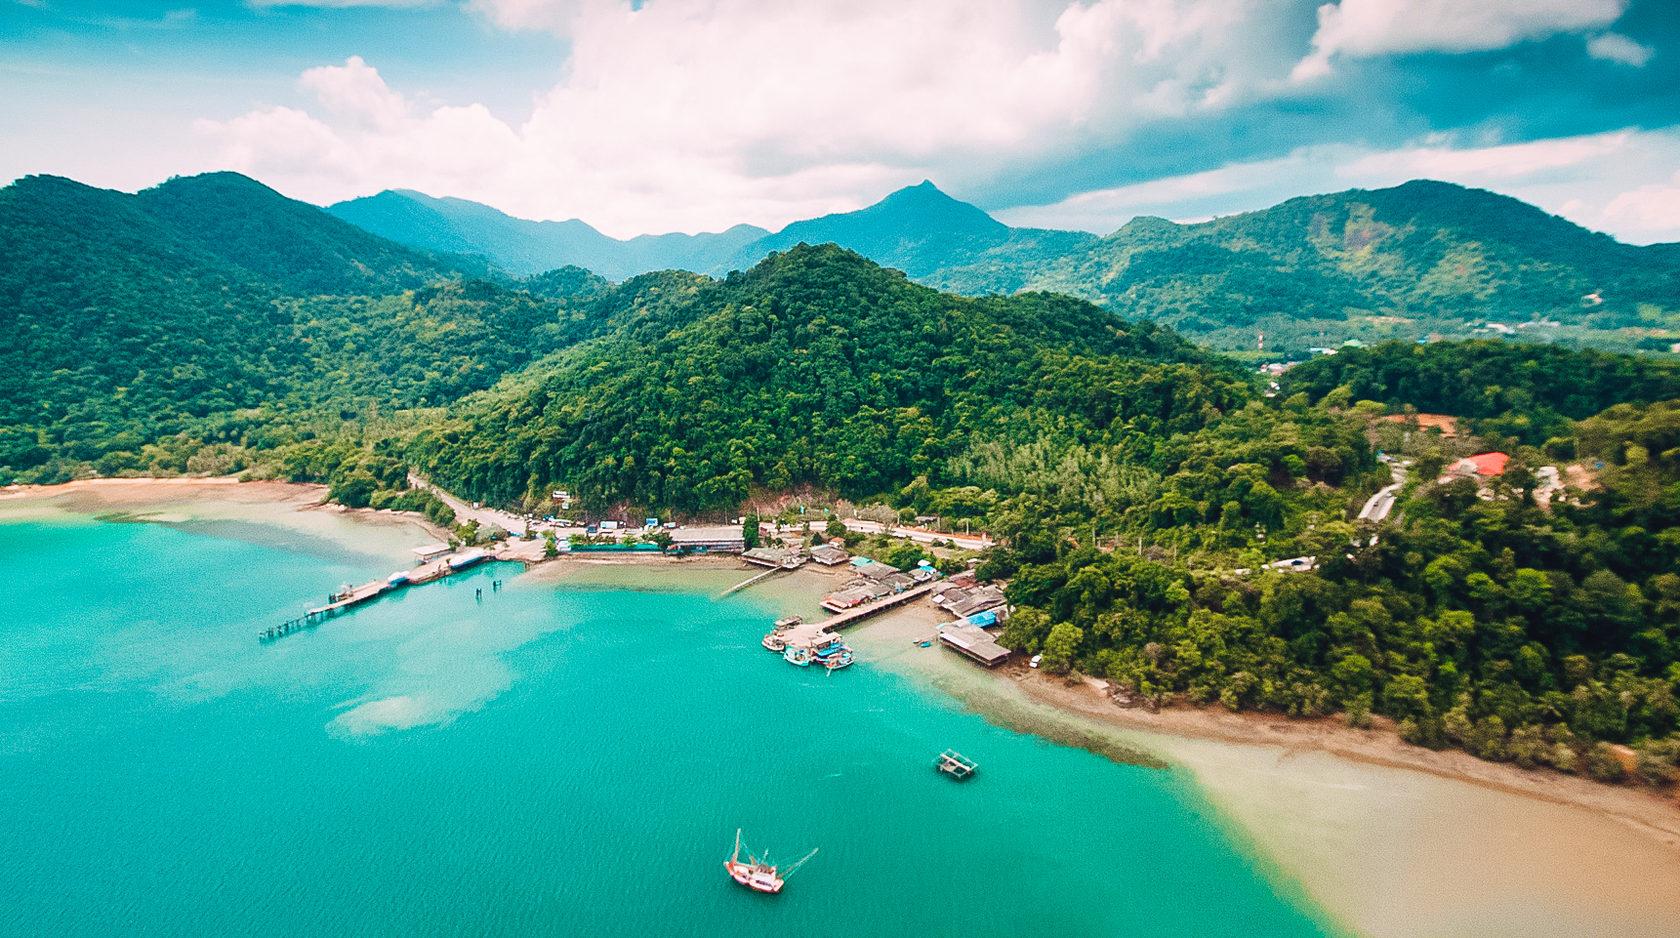 ко чанг таиланд картинки горы этого термина